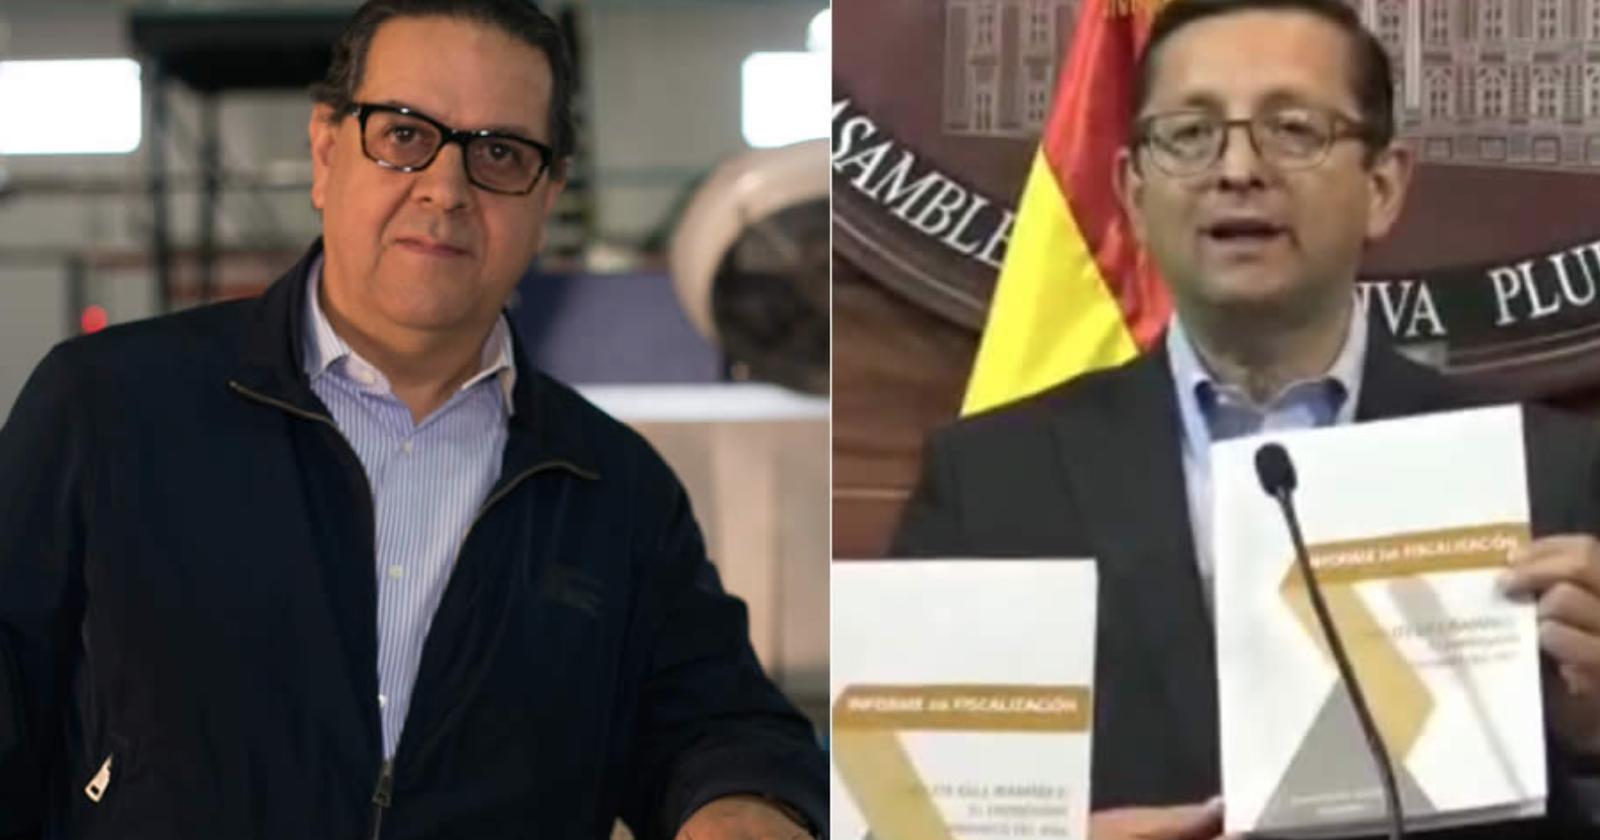 Venezuela Politica Piden Auditar A Ministerios En Bolivia Que Otorgaron Contratos A Empresas De Carlos Gill Ramirez Sunacrip inicia reuniones para el fortalecimiento del ecosistema del petro en el país. carlos gill